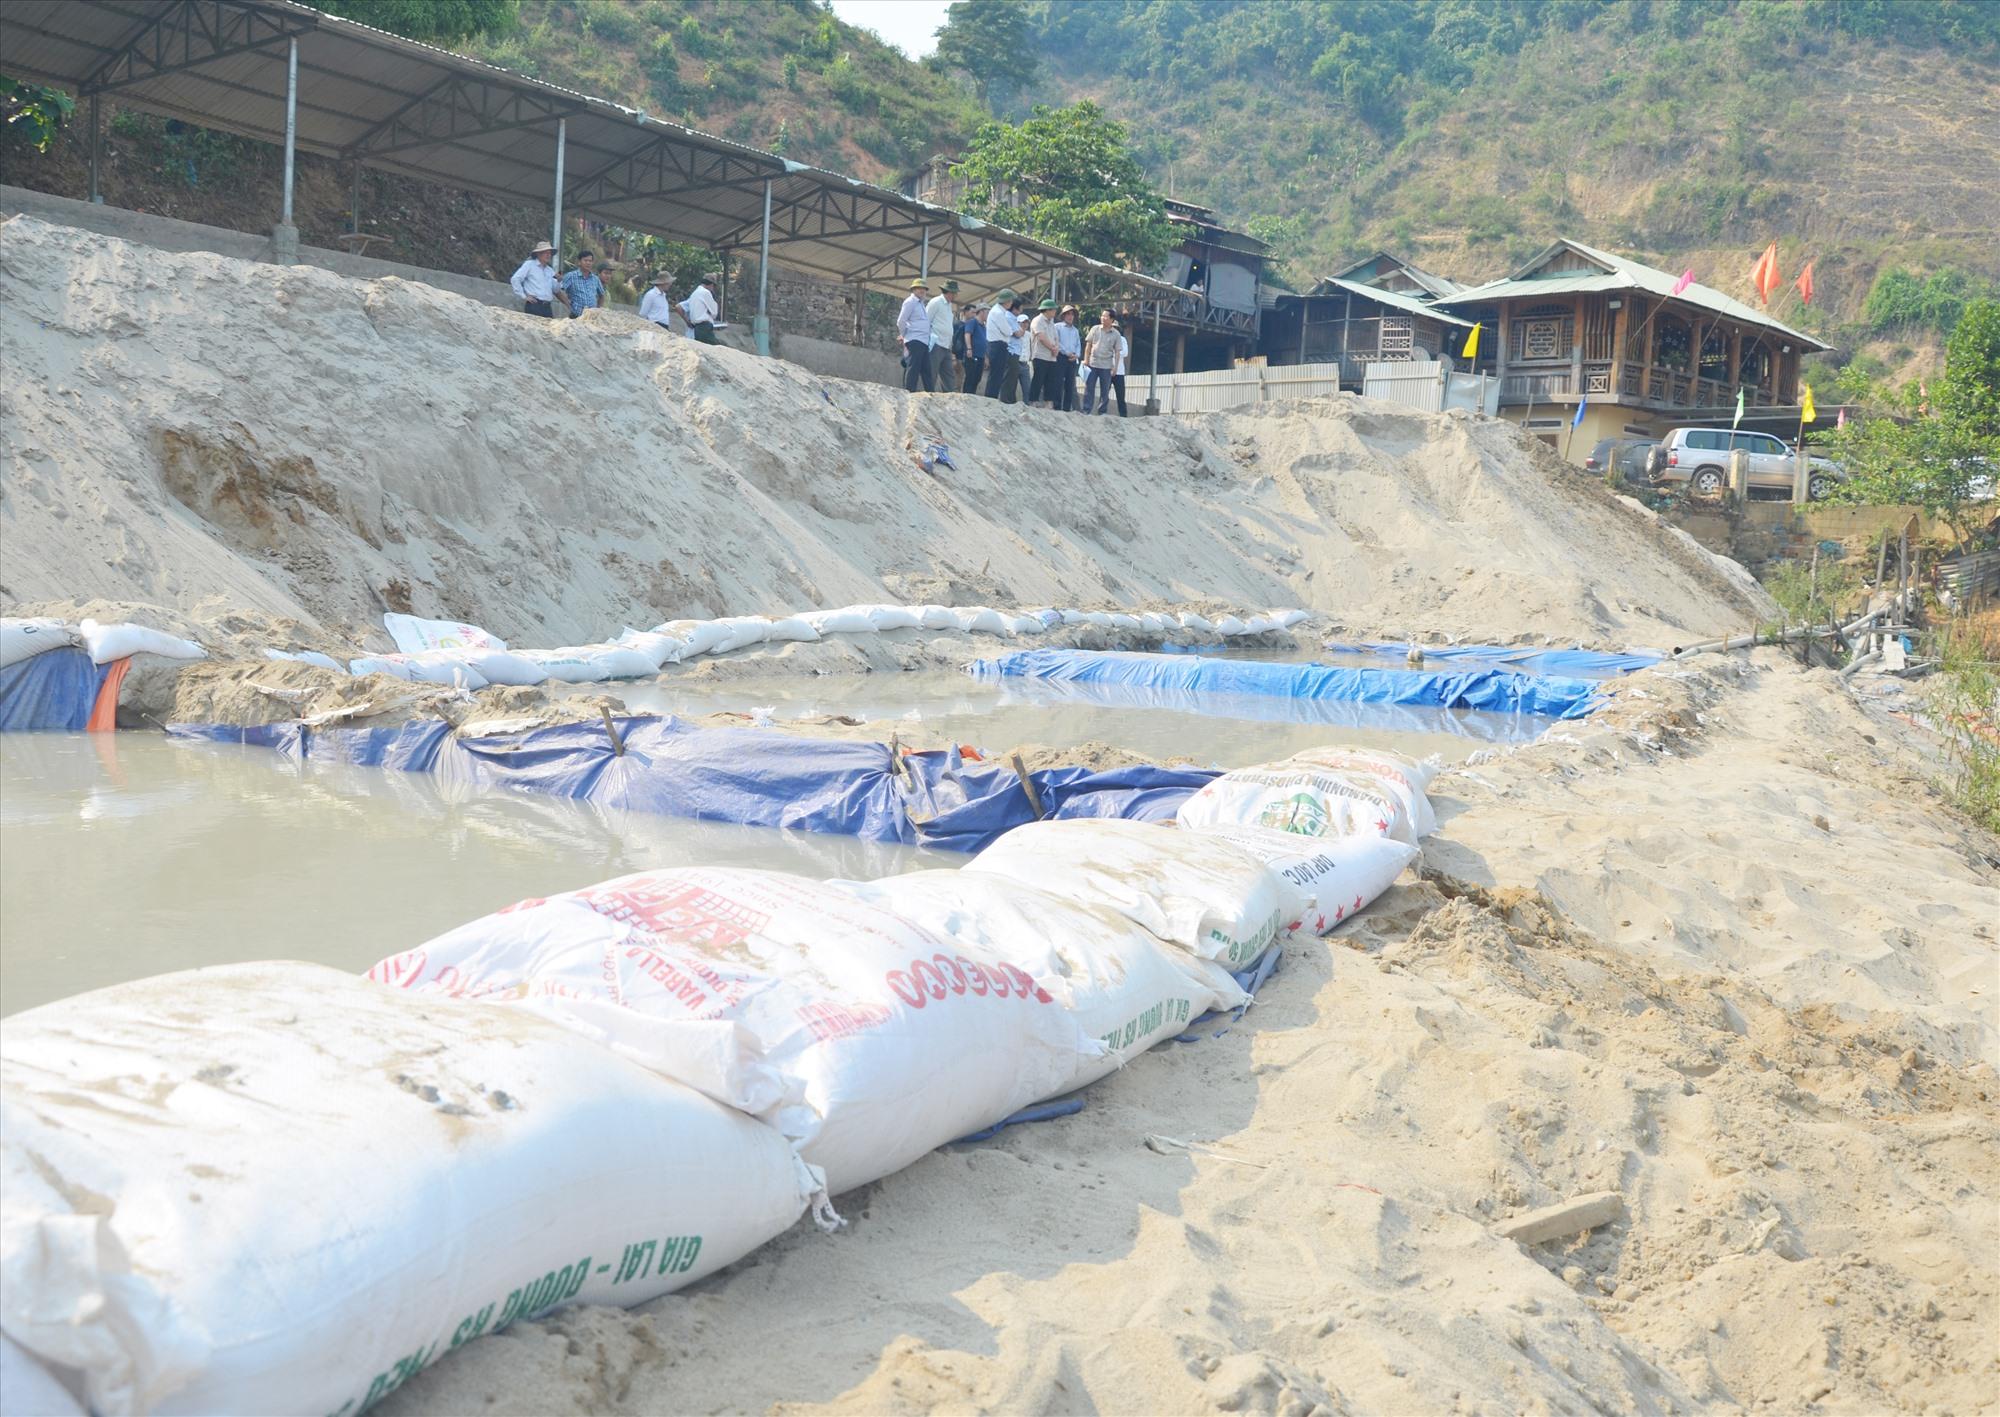 Đoàn công tác của tỉnh kiểm tra nhà máy khai thác vàng tại xã Phước Thành (Phước Sơn). Ảnh: H.PHÚC